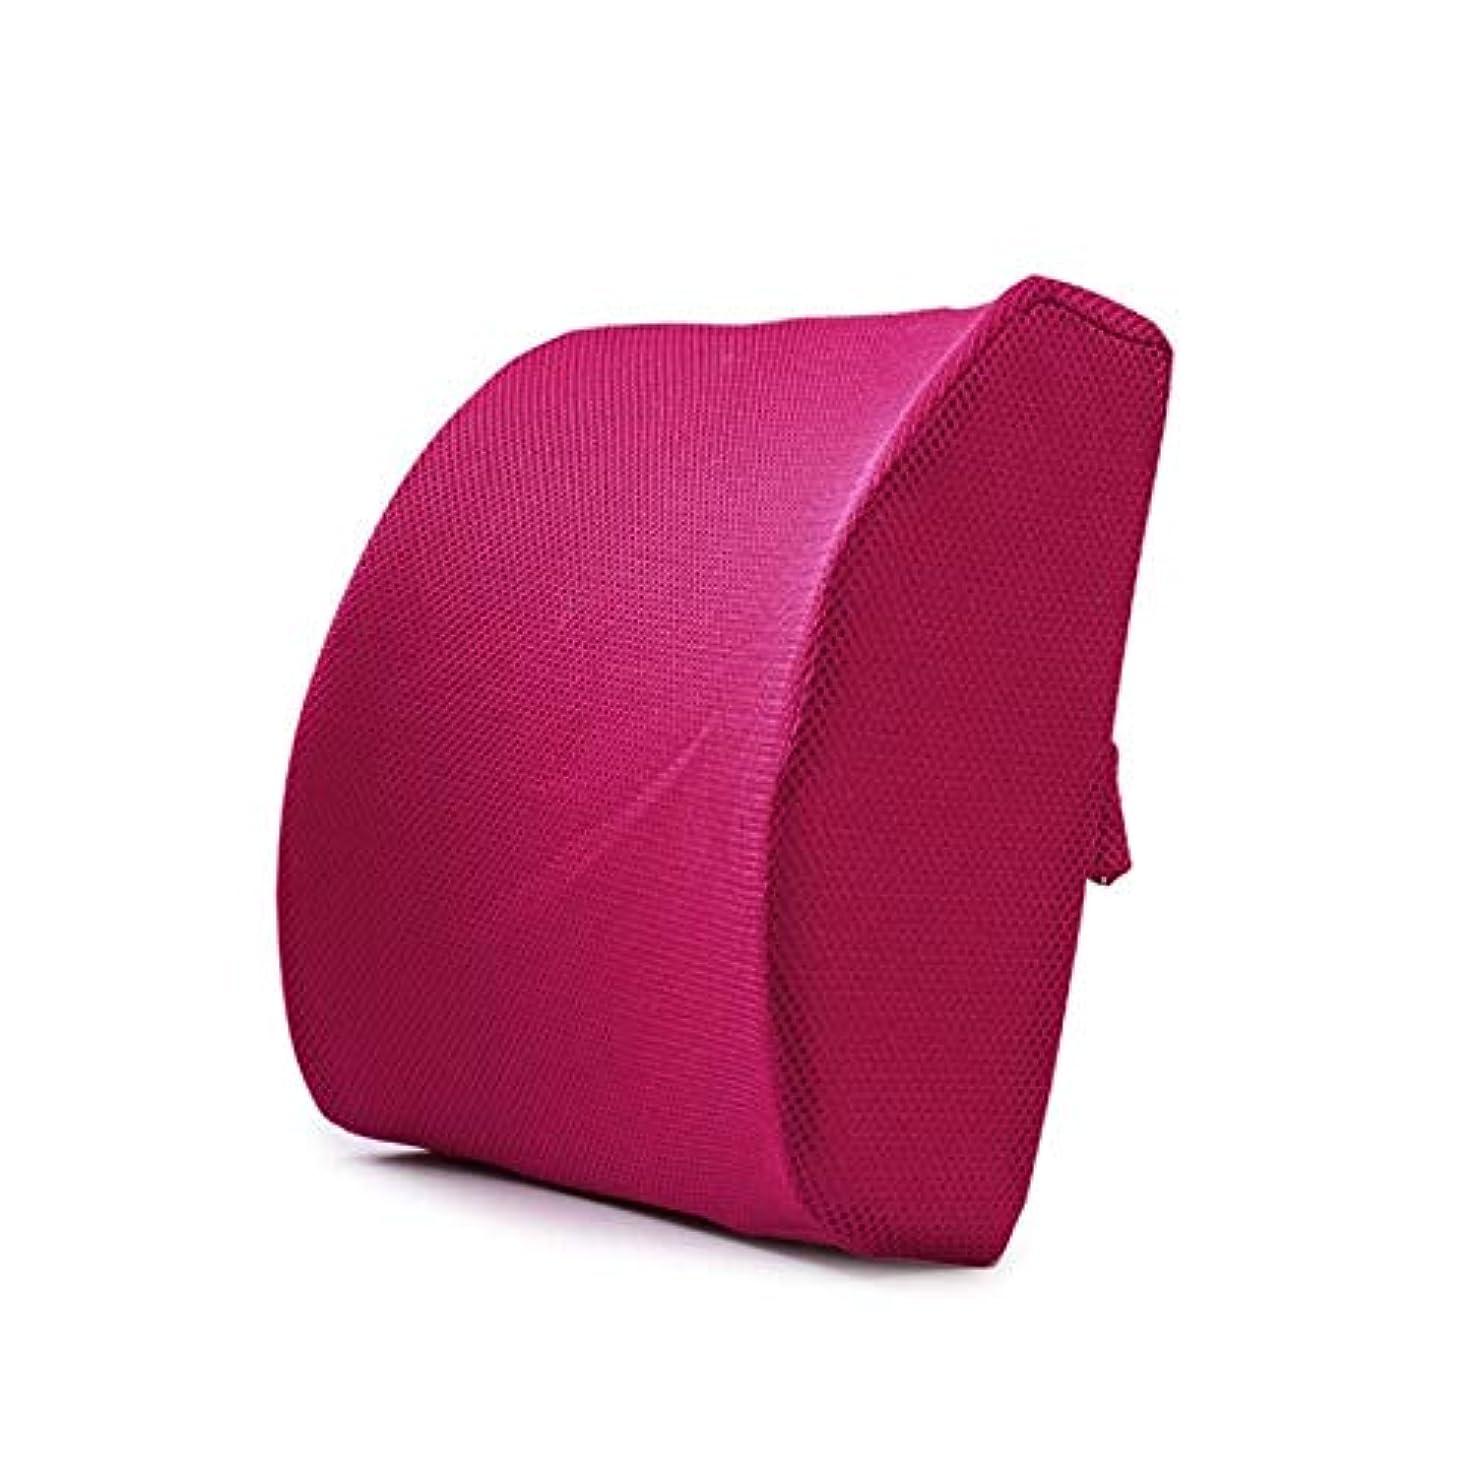 開業医アルカイックトムオードリースLIFE ホームオフィス背もたれ椅子腰椎クッションカーシートネック枕 3D 低反発サポートバックマッサージウエストレスリビング枕 クッション 椅子